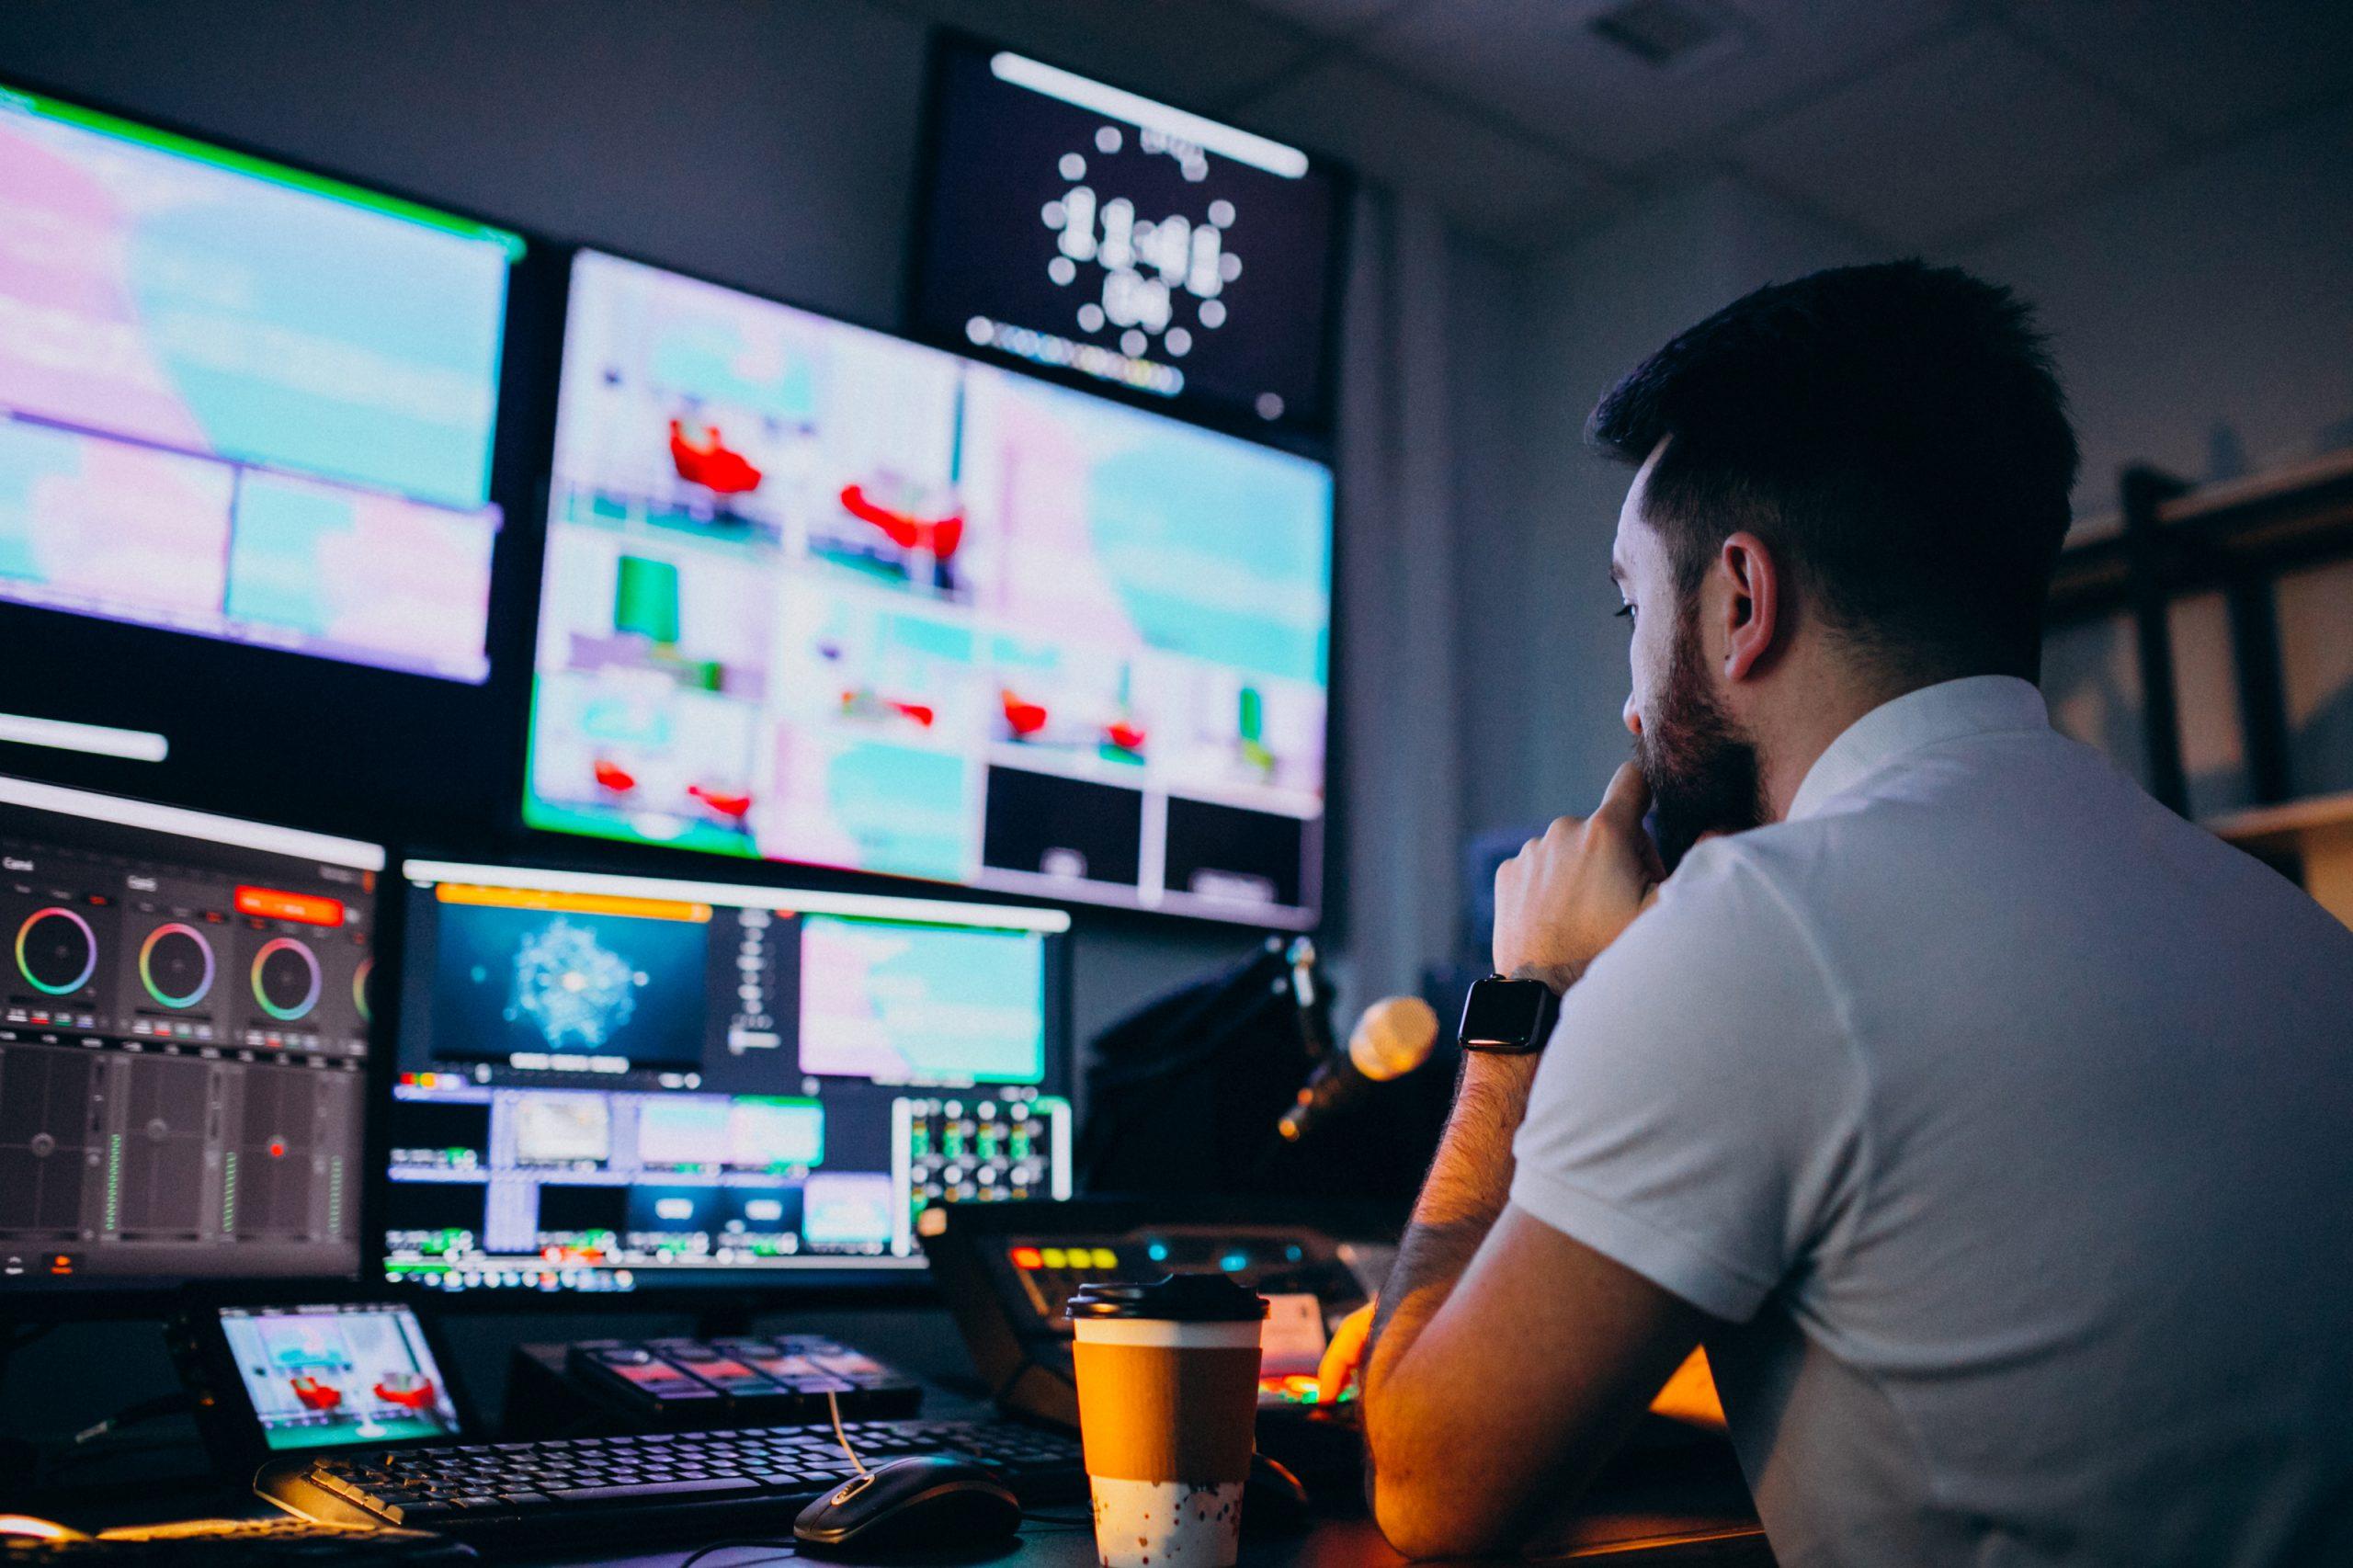 Czy można nagrywać pracowników w miejscu pracy?